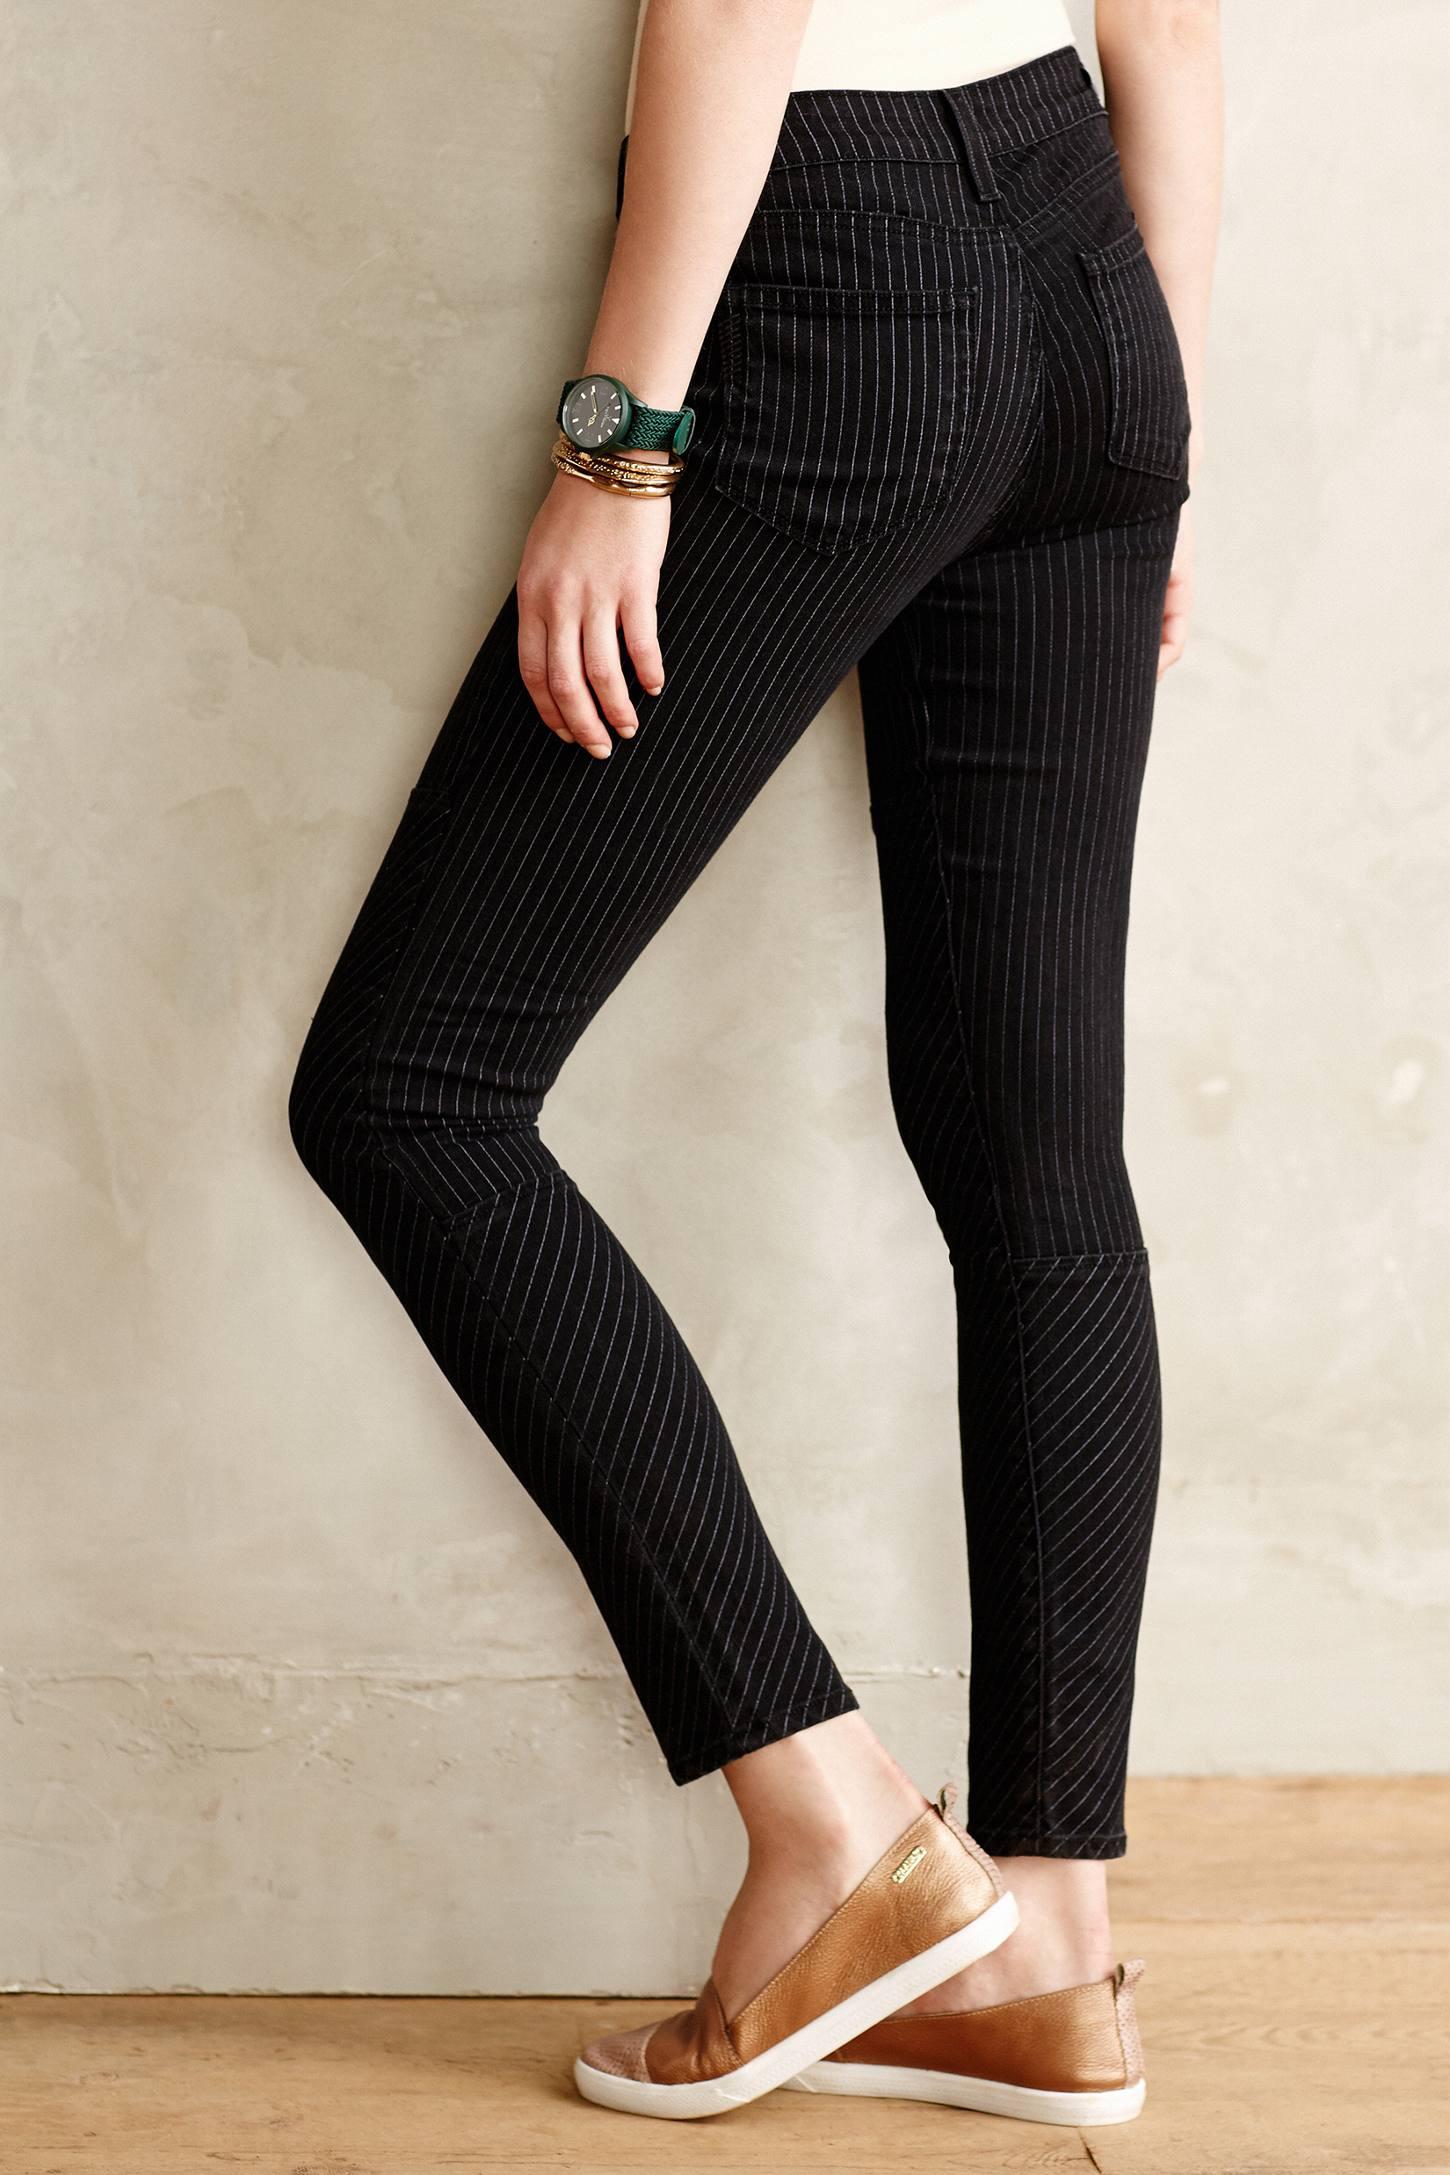 Paige olga ultra skinny jeans